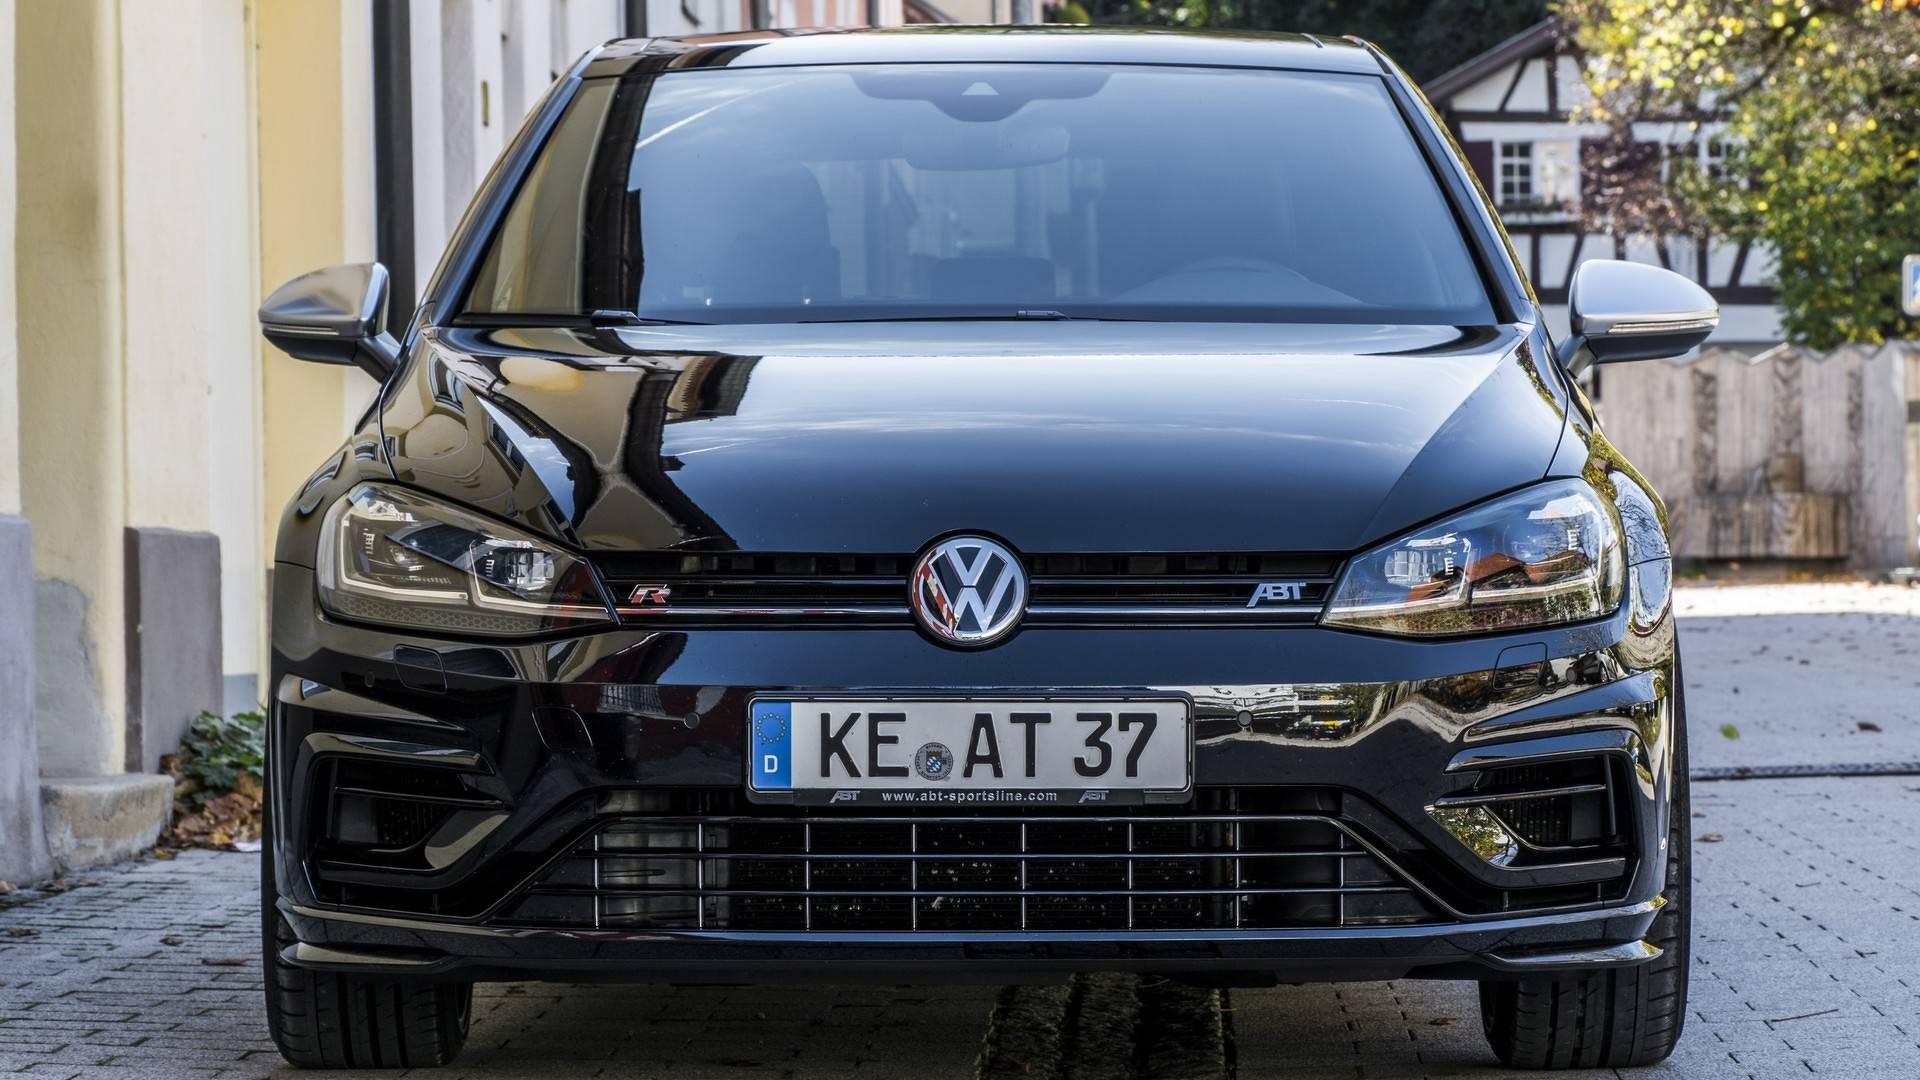 abt-sportsline-volkswagen-golf-r (5)